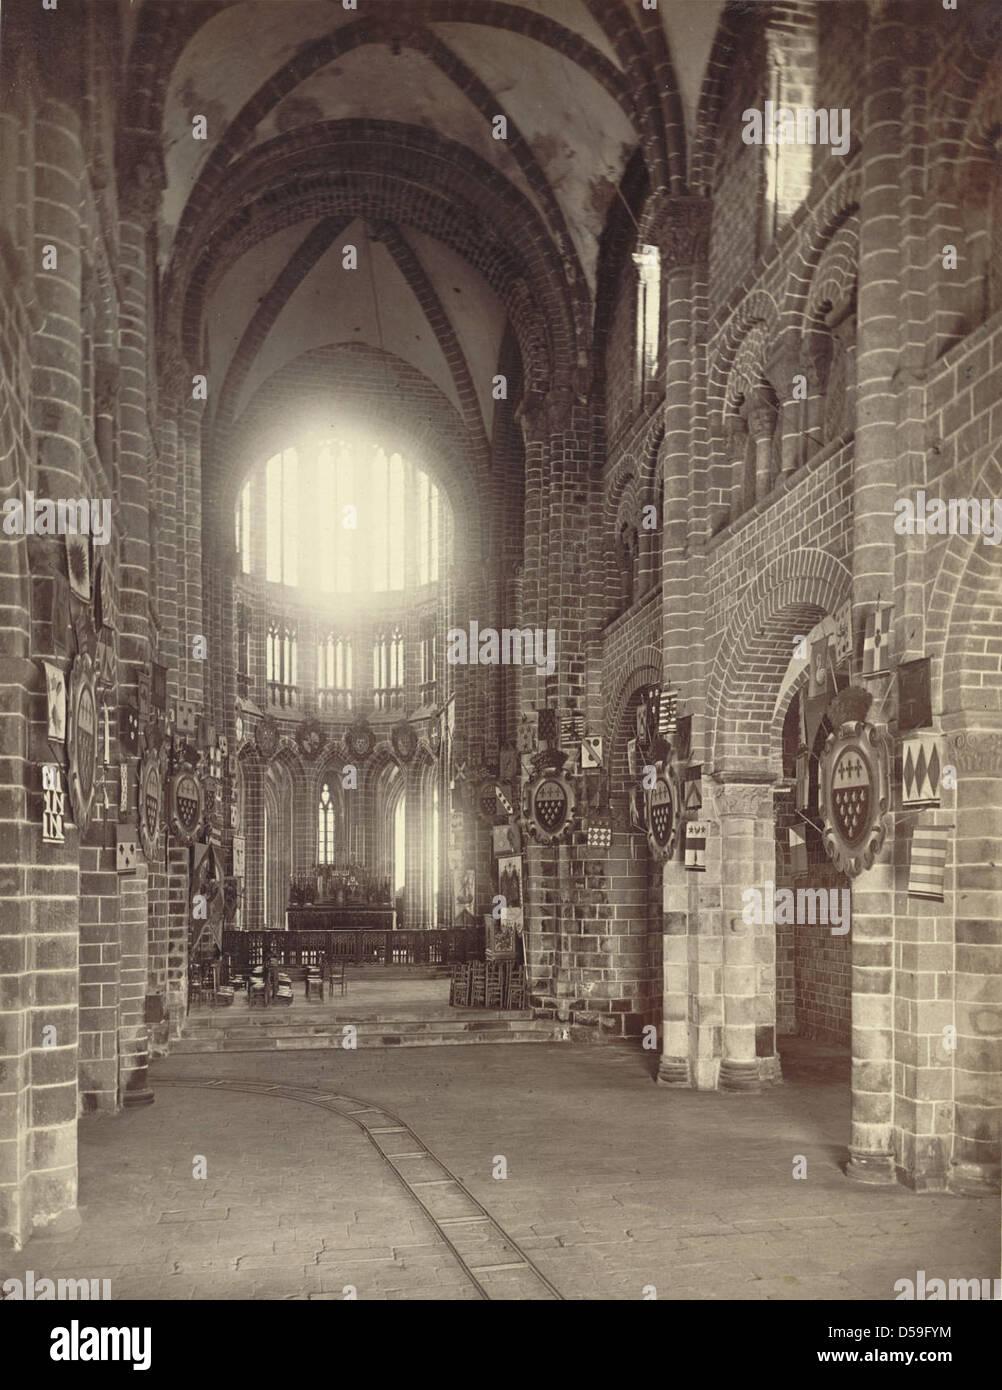 Mont saint michel abbey church interior stock photo for Mont saint michel interieur